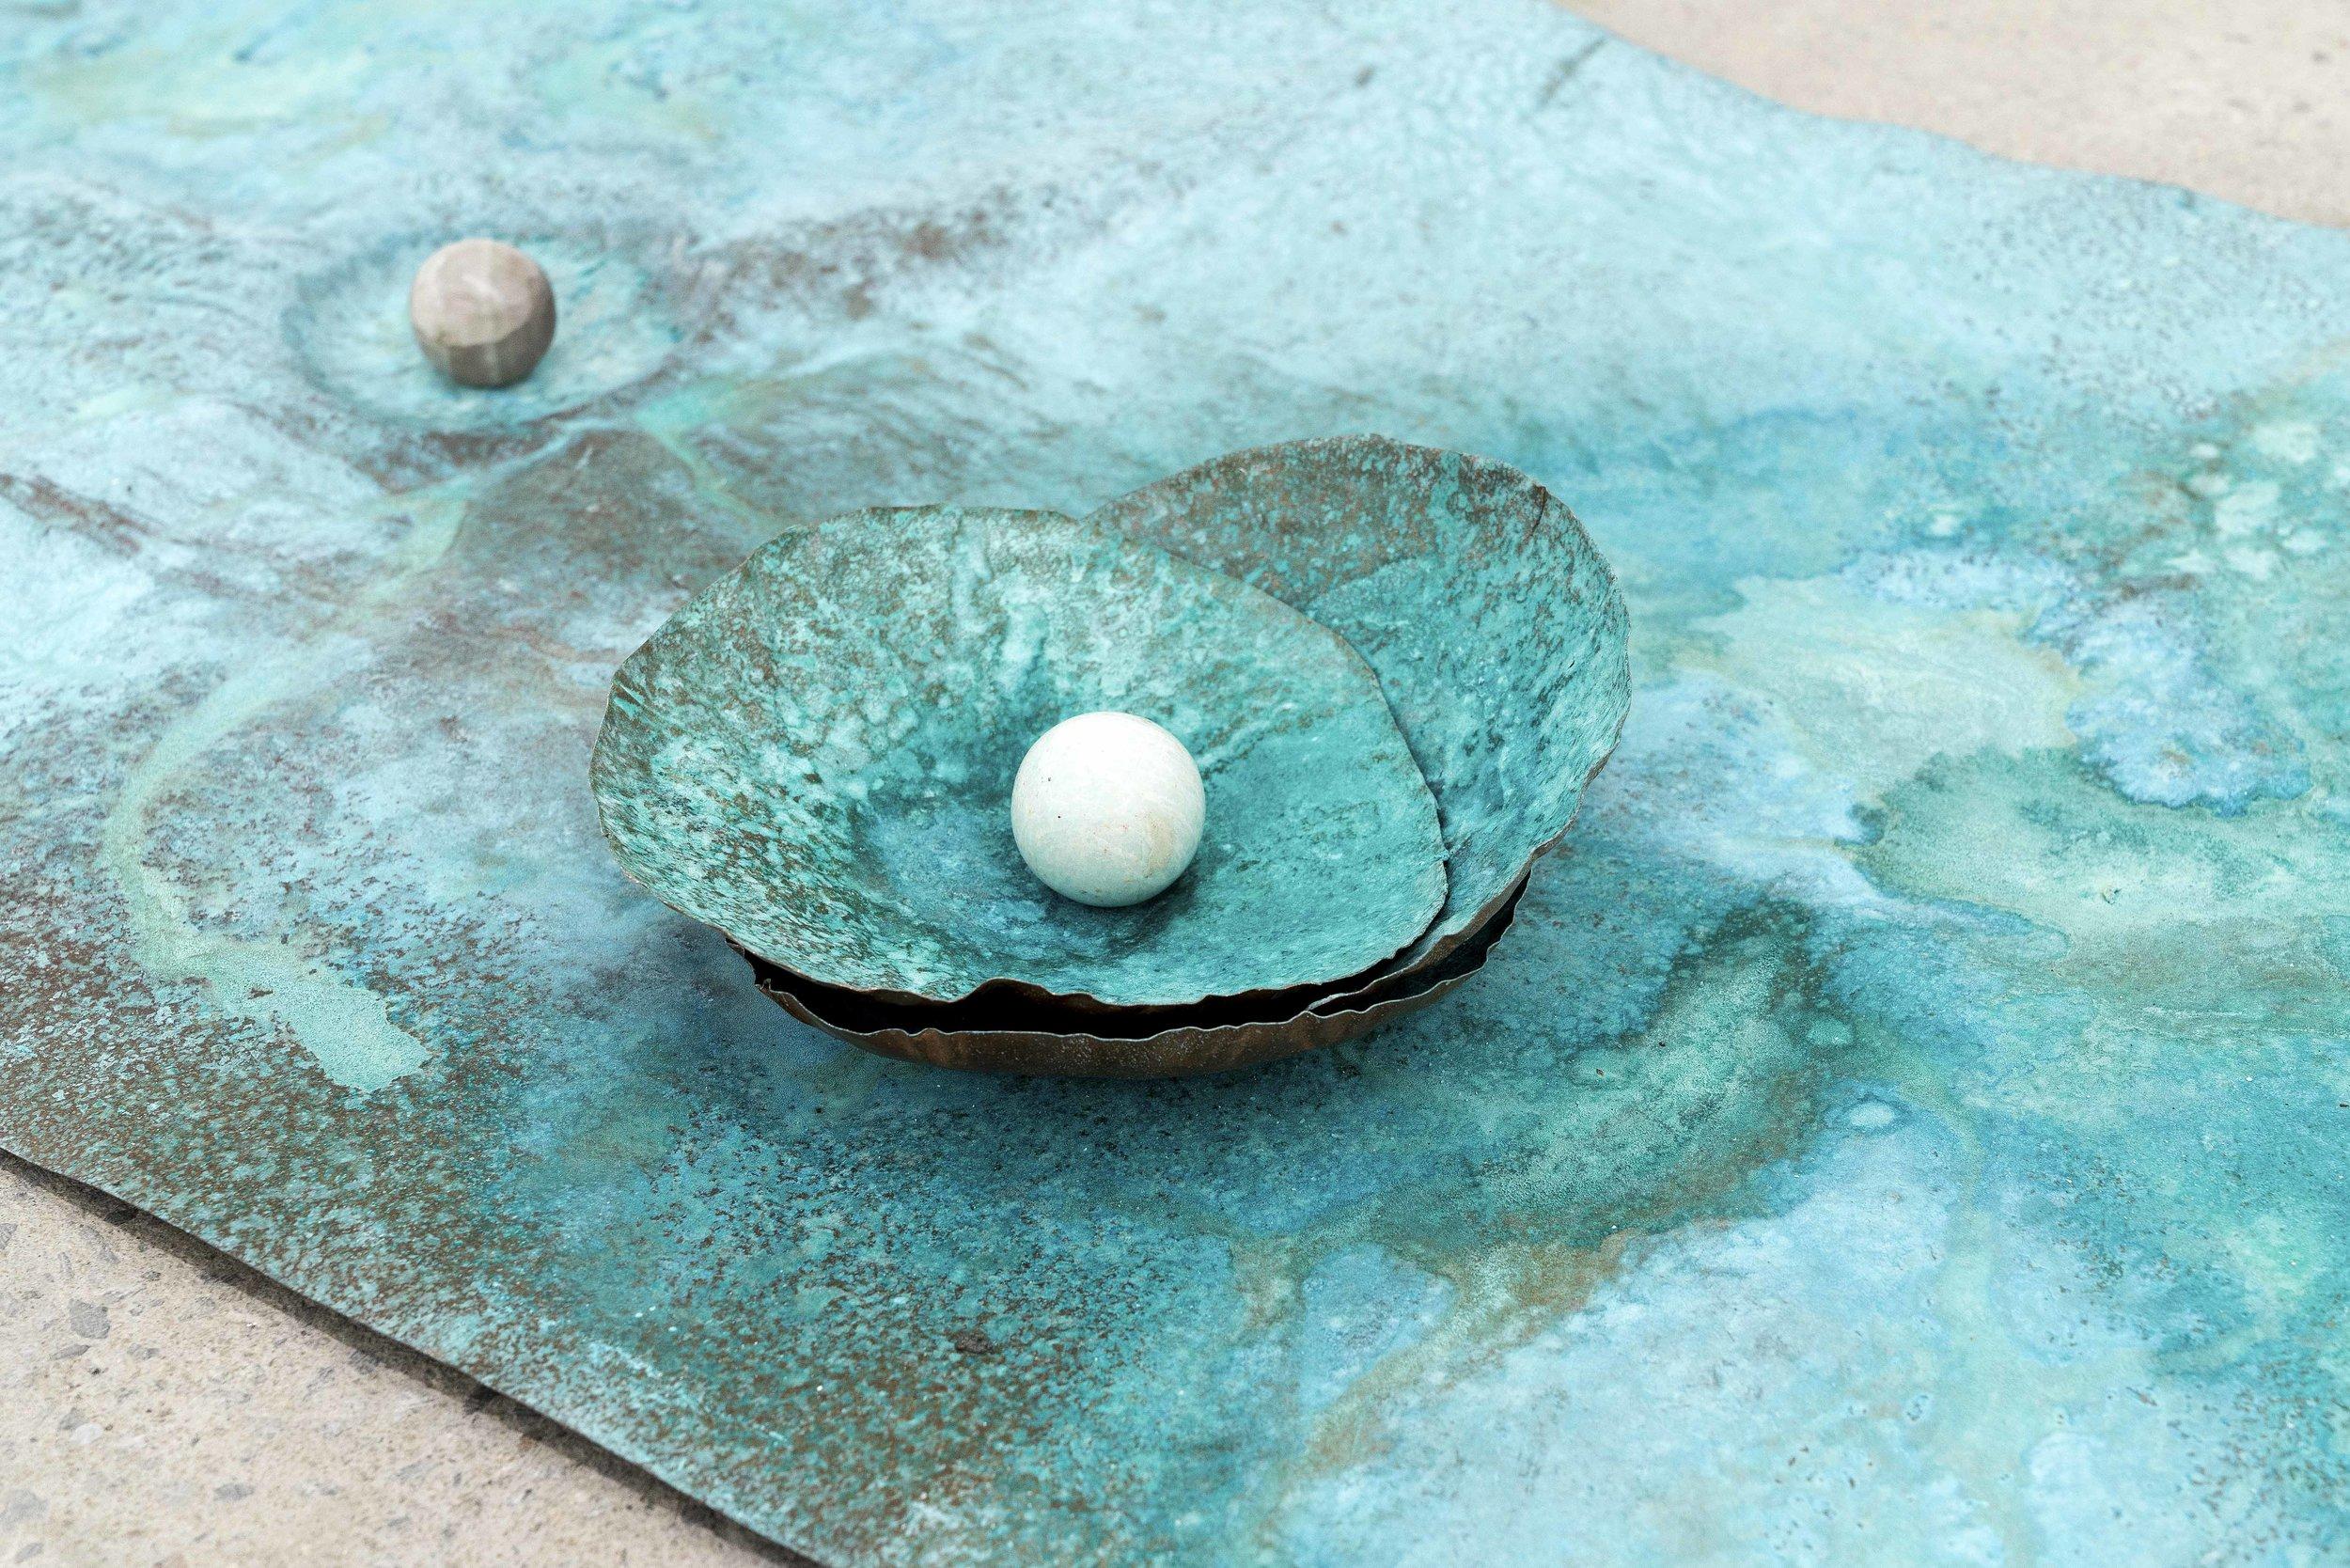 """Lorna Bauer,  The Toilers (détail),  2018, cuivre martelé, Miracle grow, sphère de cristal, 61 x 122 cm (24"""" x 48"""")"""